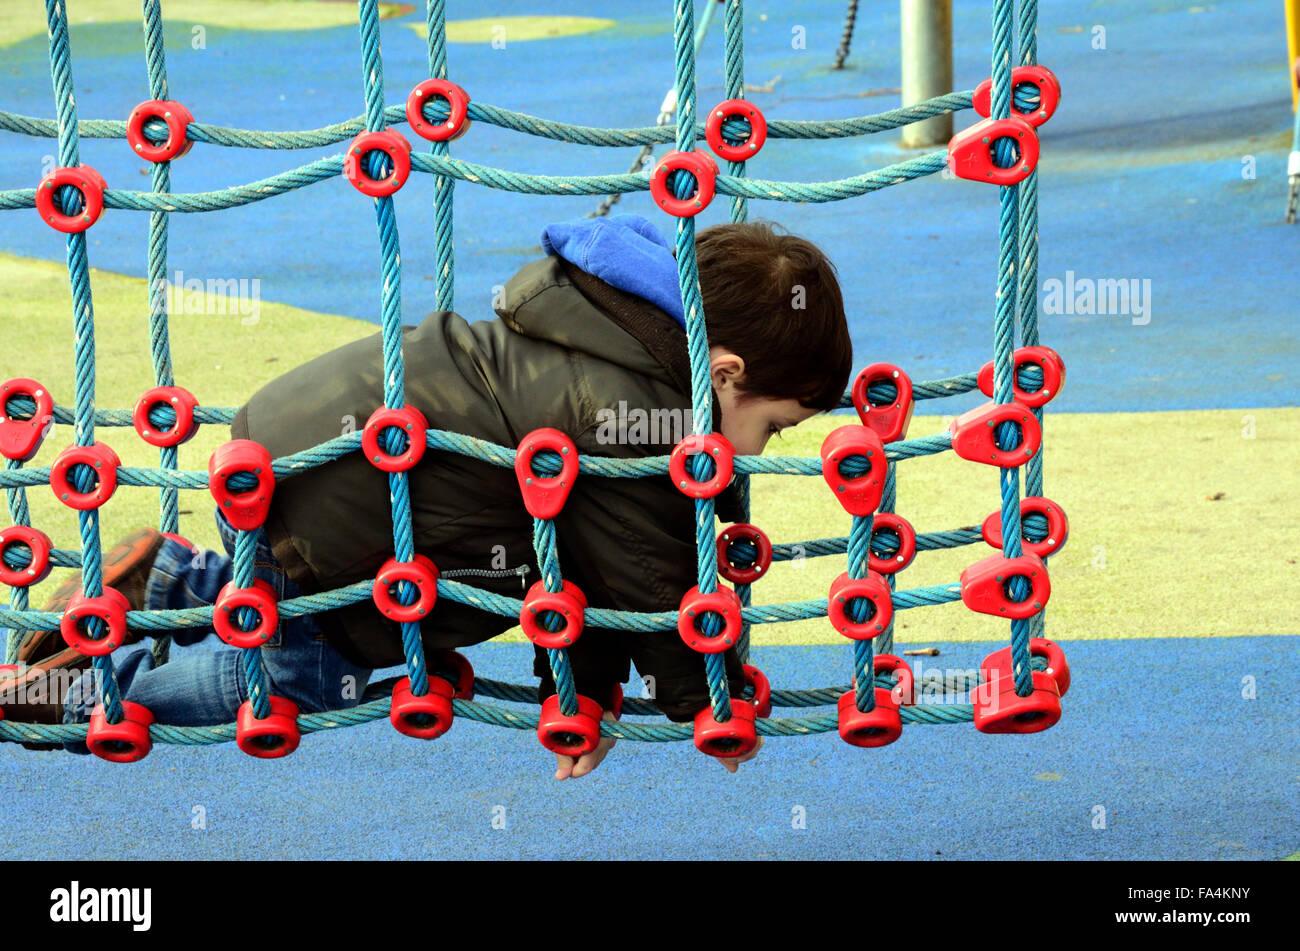 Klettergerüst Mit Netz : Ein kleiner junge spielt auf netz klettergerüst in